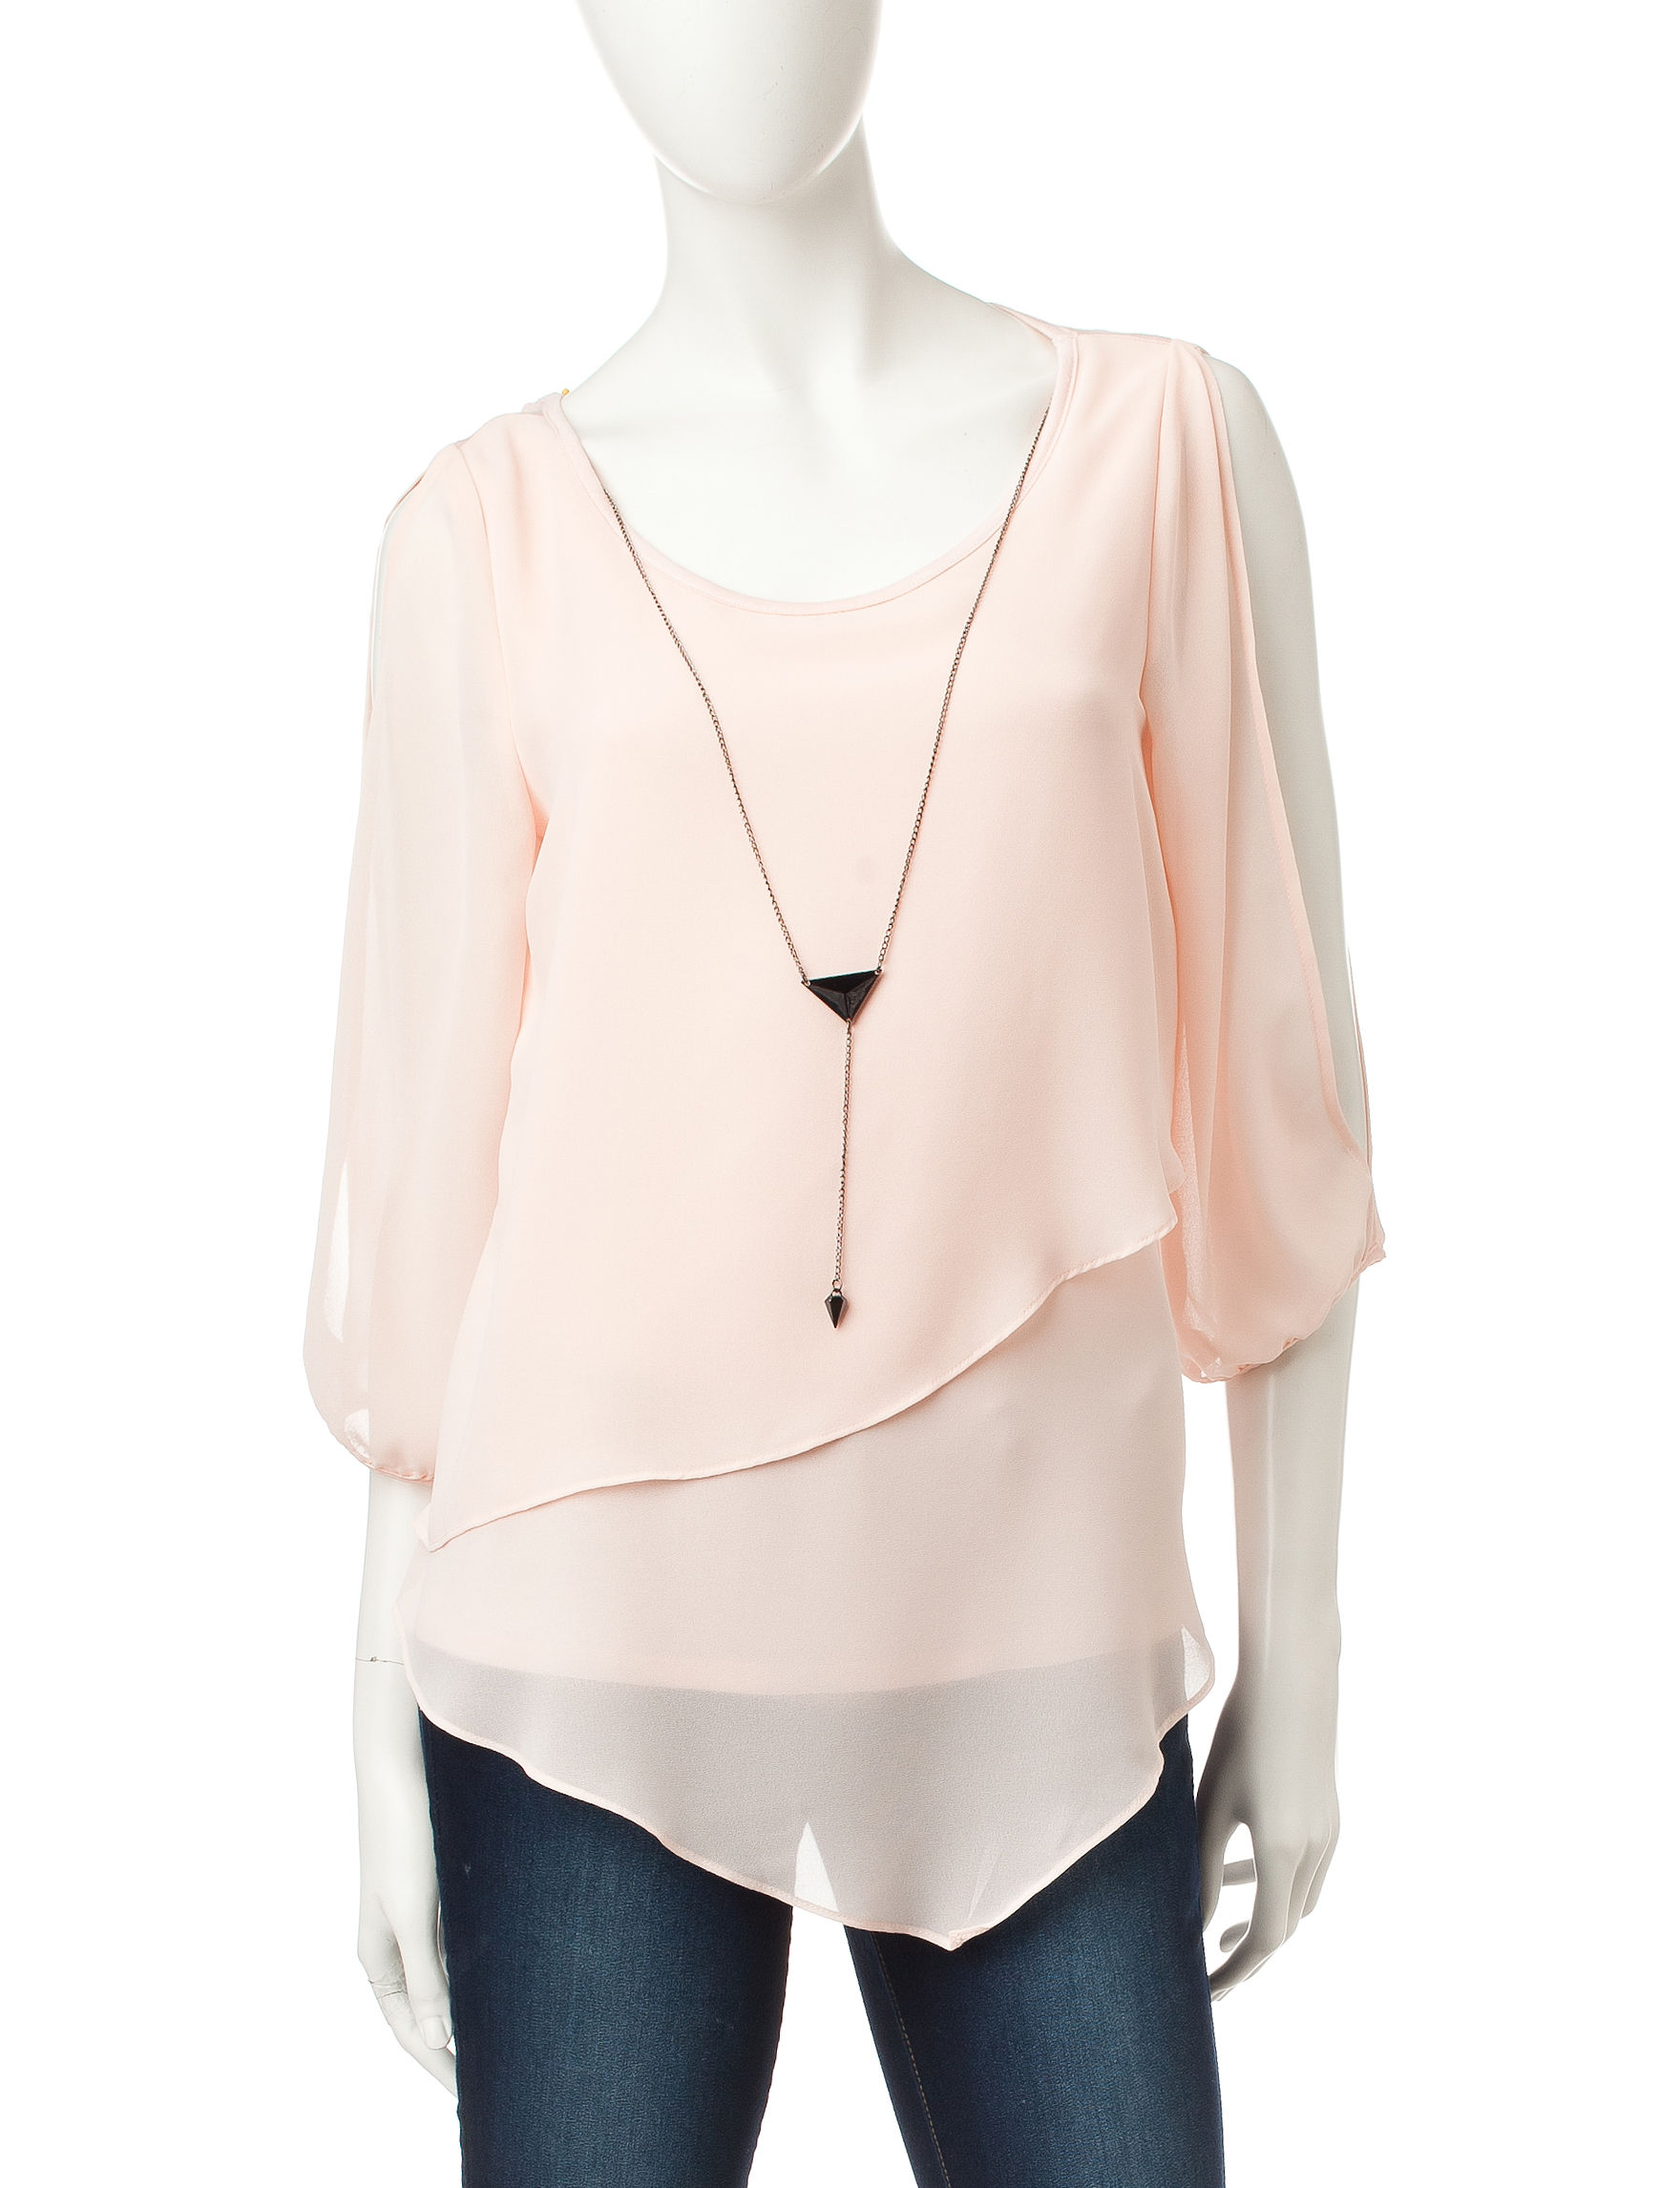 A. Byer Blush Shirts & Blouses